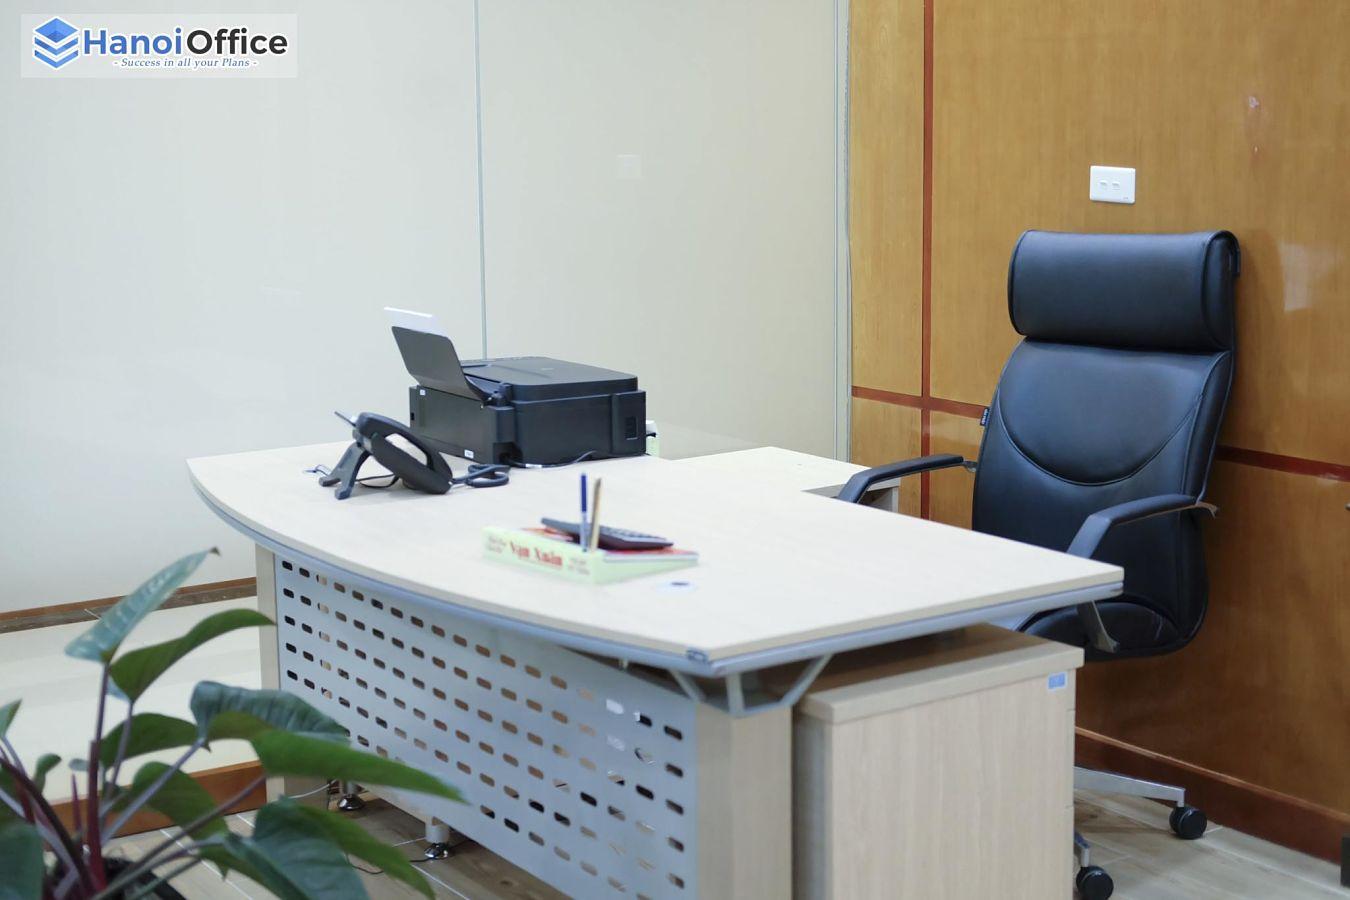 Văn phòng giao dịch khác văn phòng đại diện ở điểm nào?